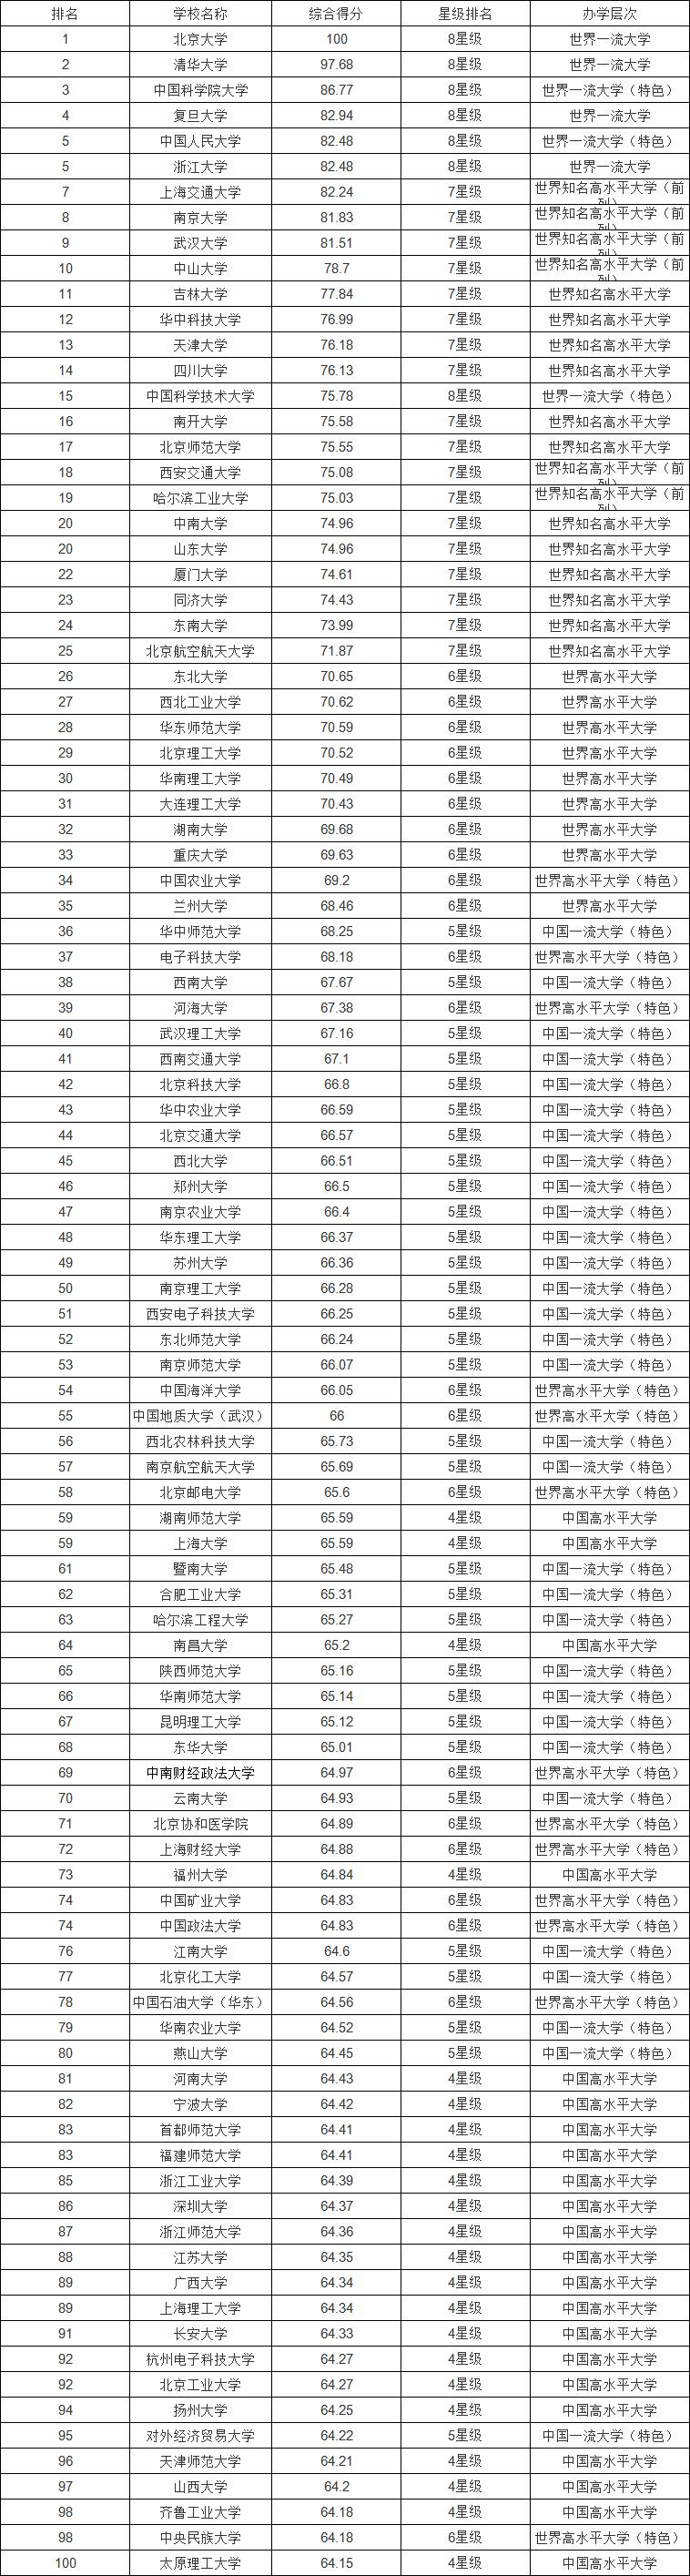 2018-2019年中国大学排名表完整榜单(800强)